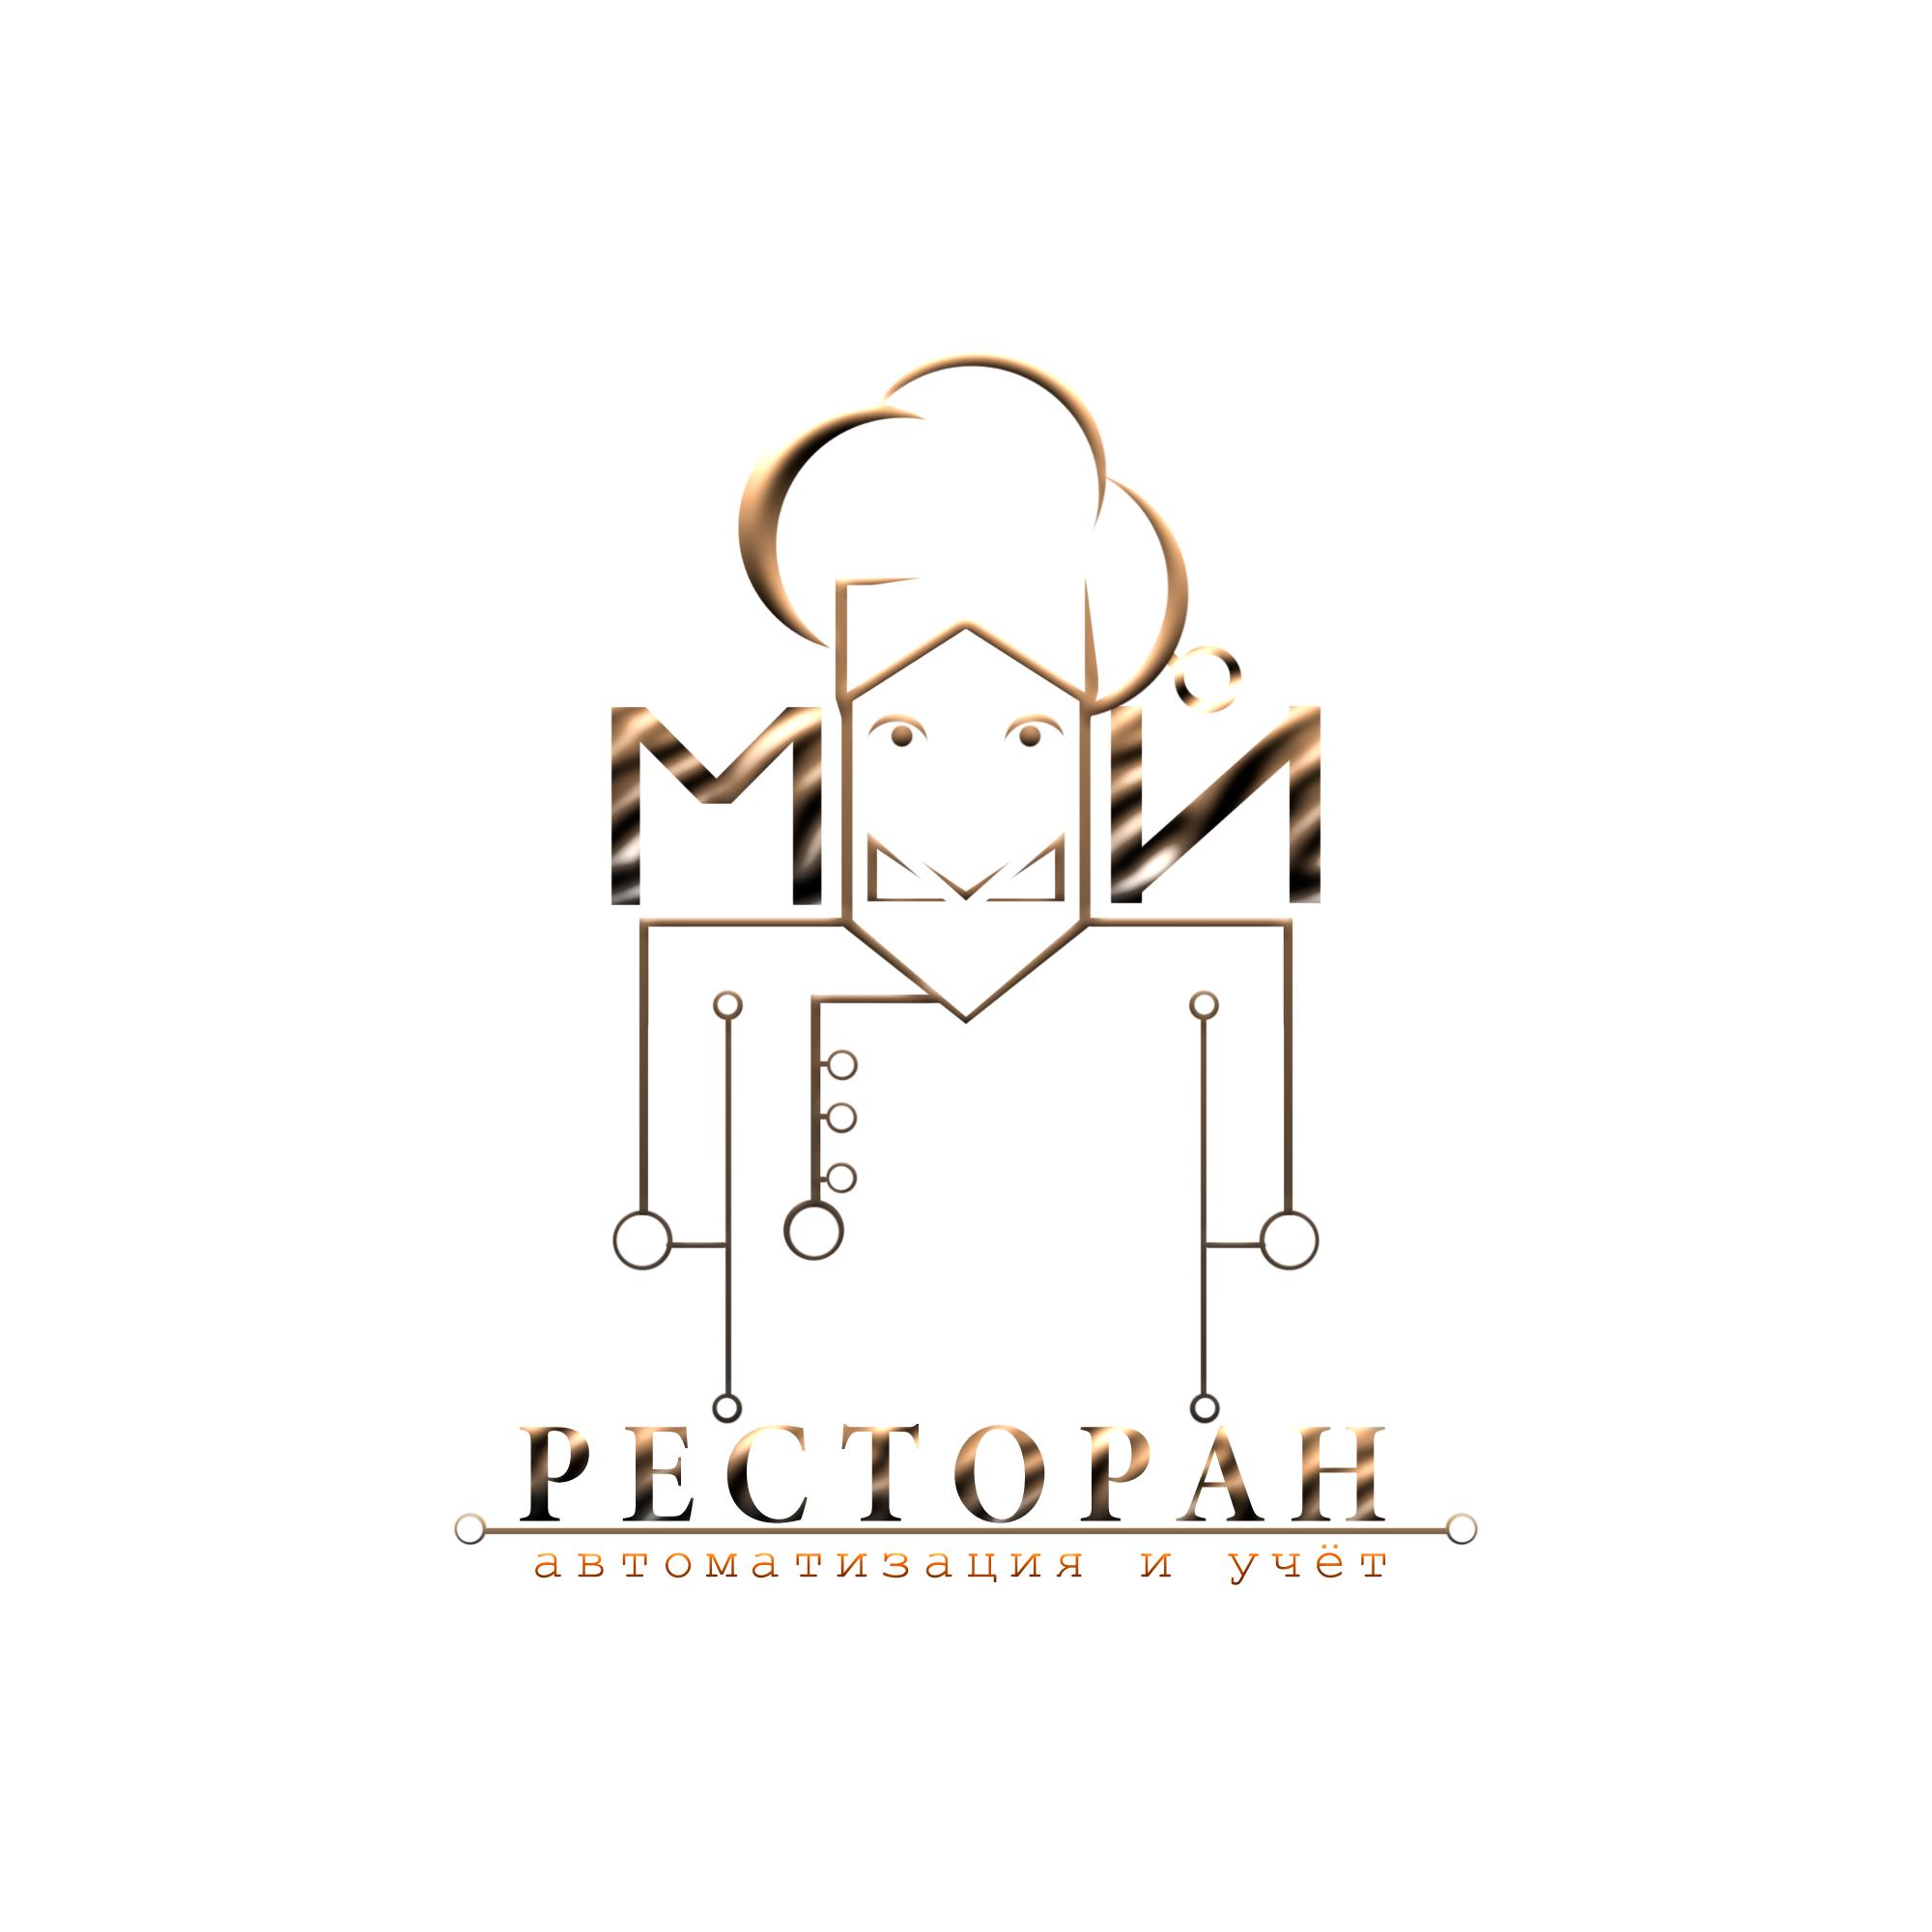 Разработать логотип и фавикон для IT- компании фото f_1145d54235e4e8f8.png